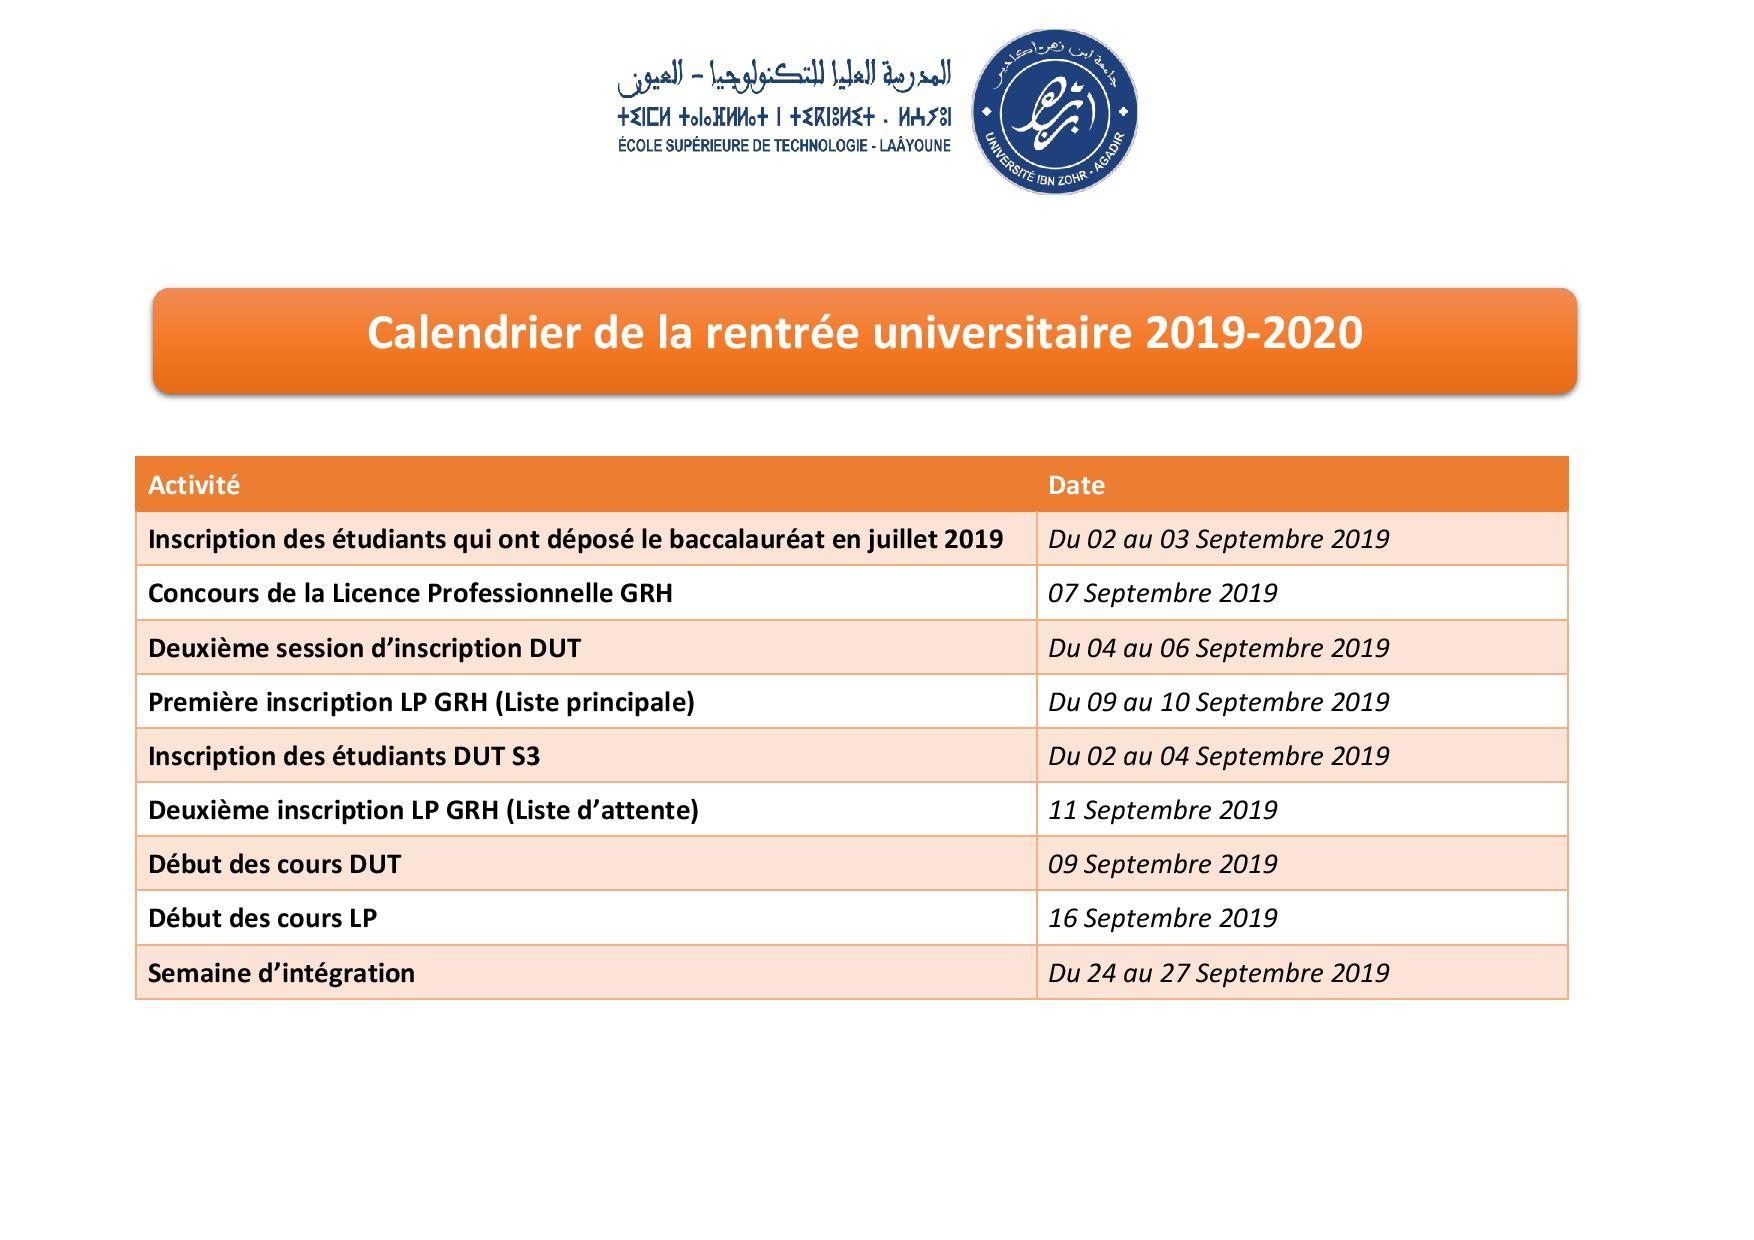 Calendrier Septembre 2020 Septembre 2019.Calendrier De La Rentree Universitaire 2019 2020 Est Laayoune